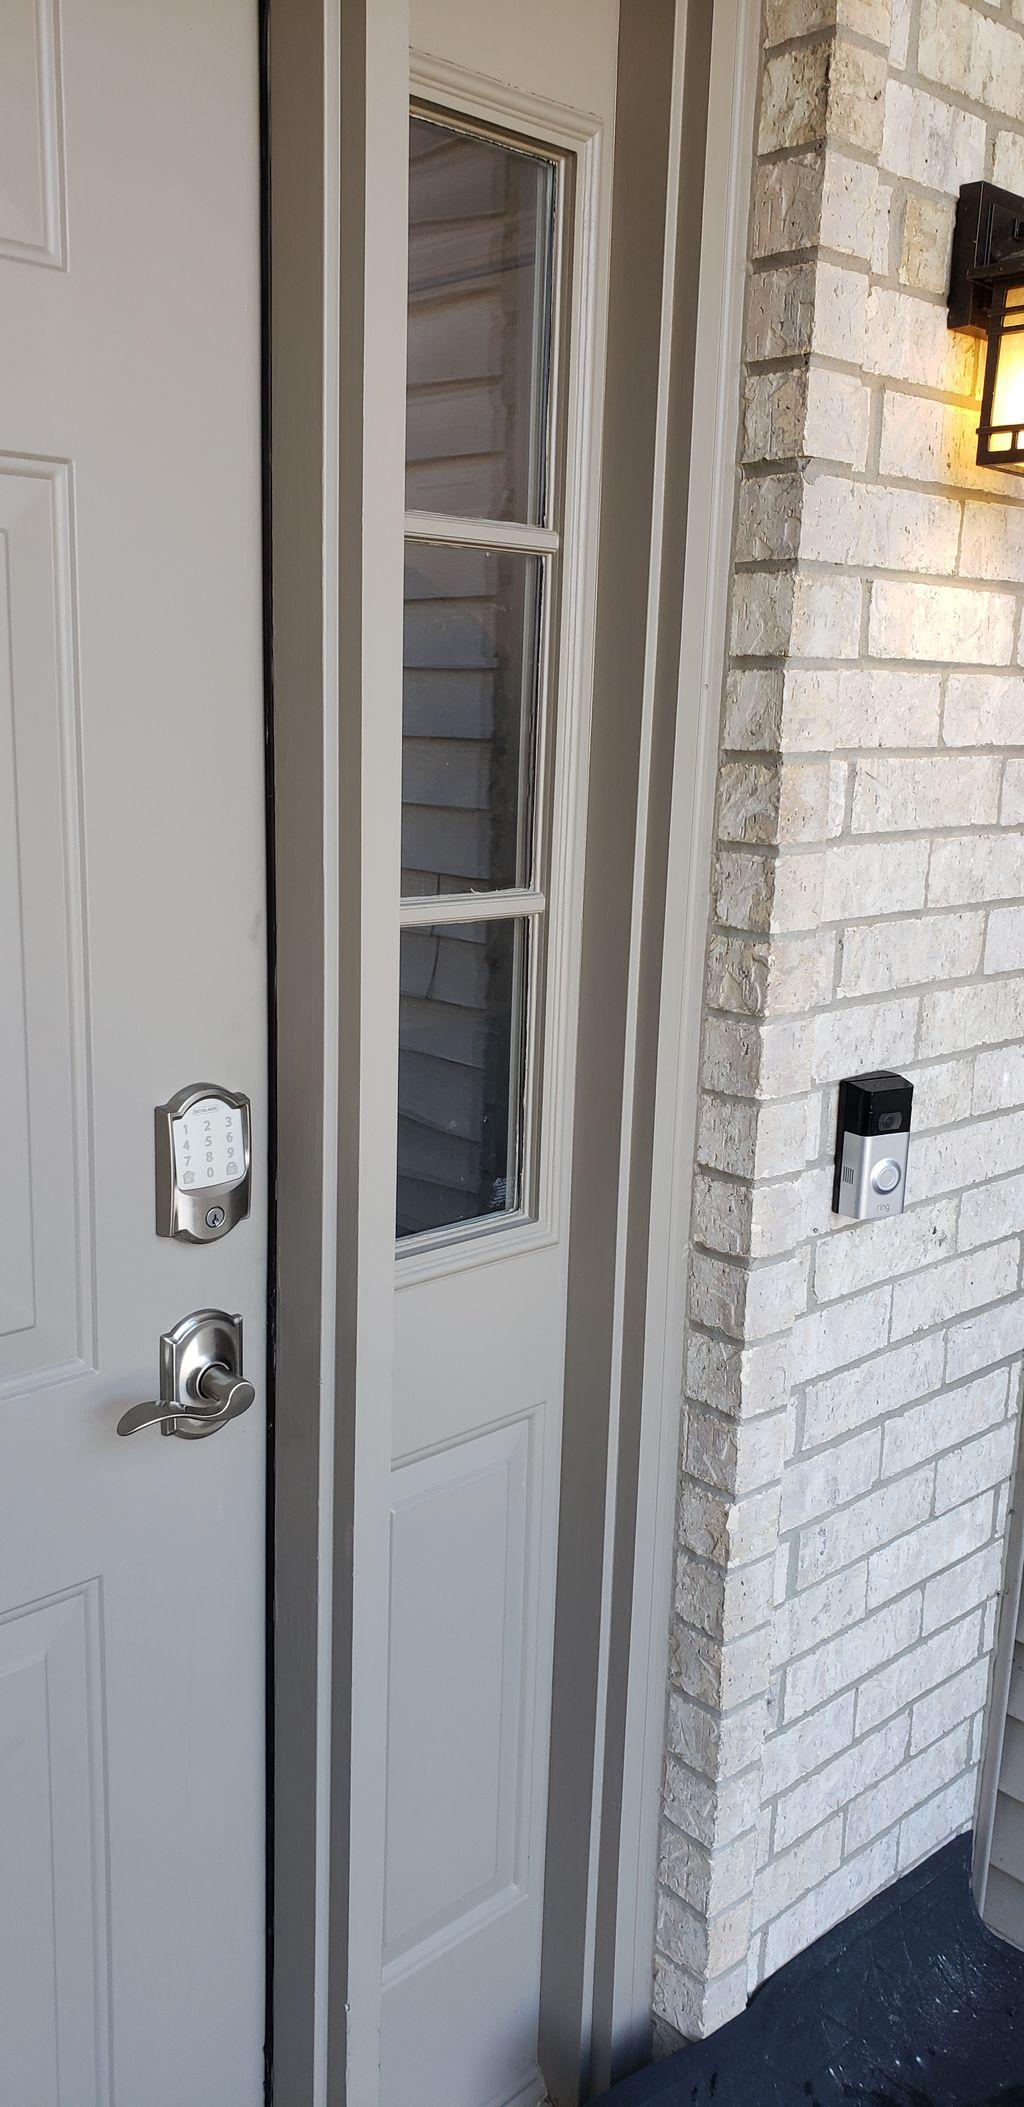 Smart lock and ring doorbell install